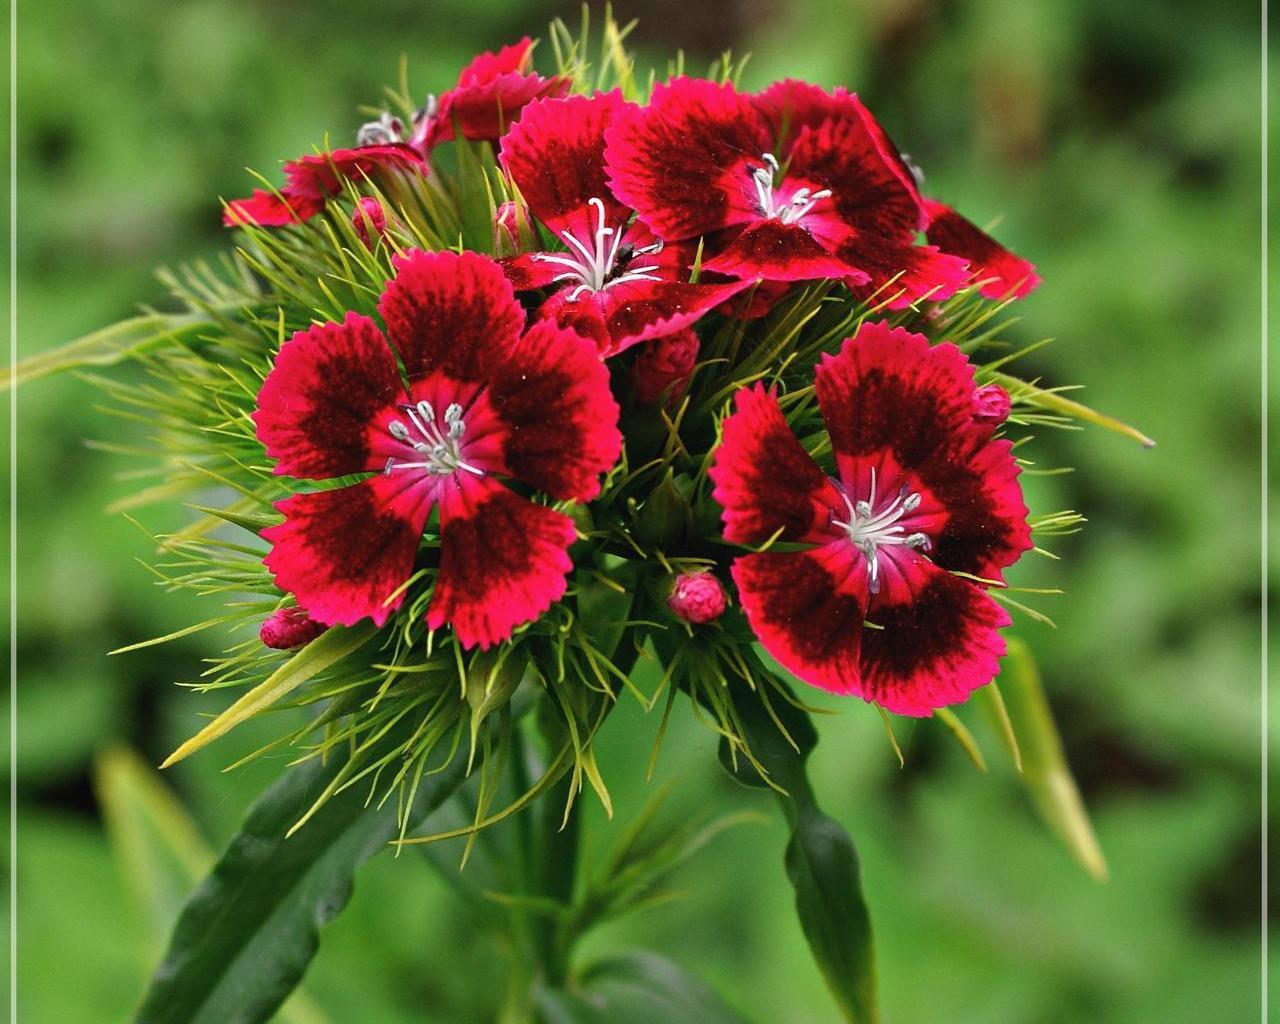 Harika karanfil çiçeği